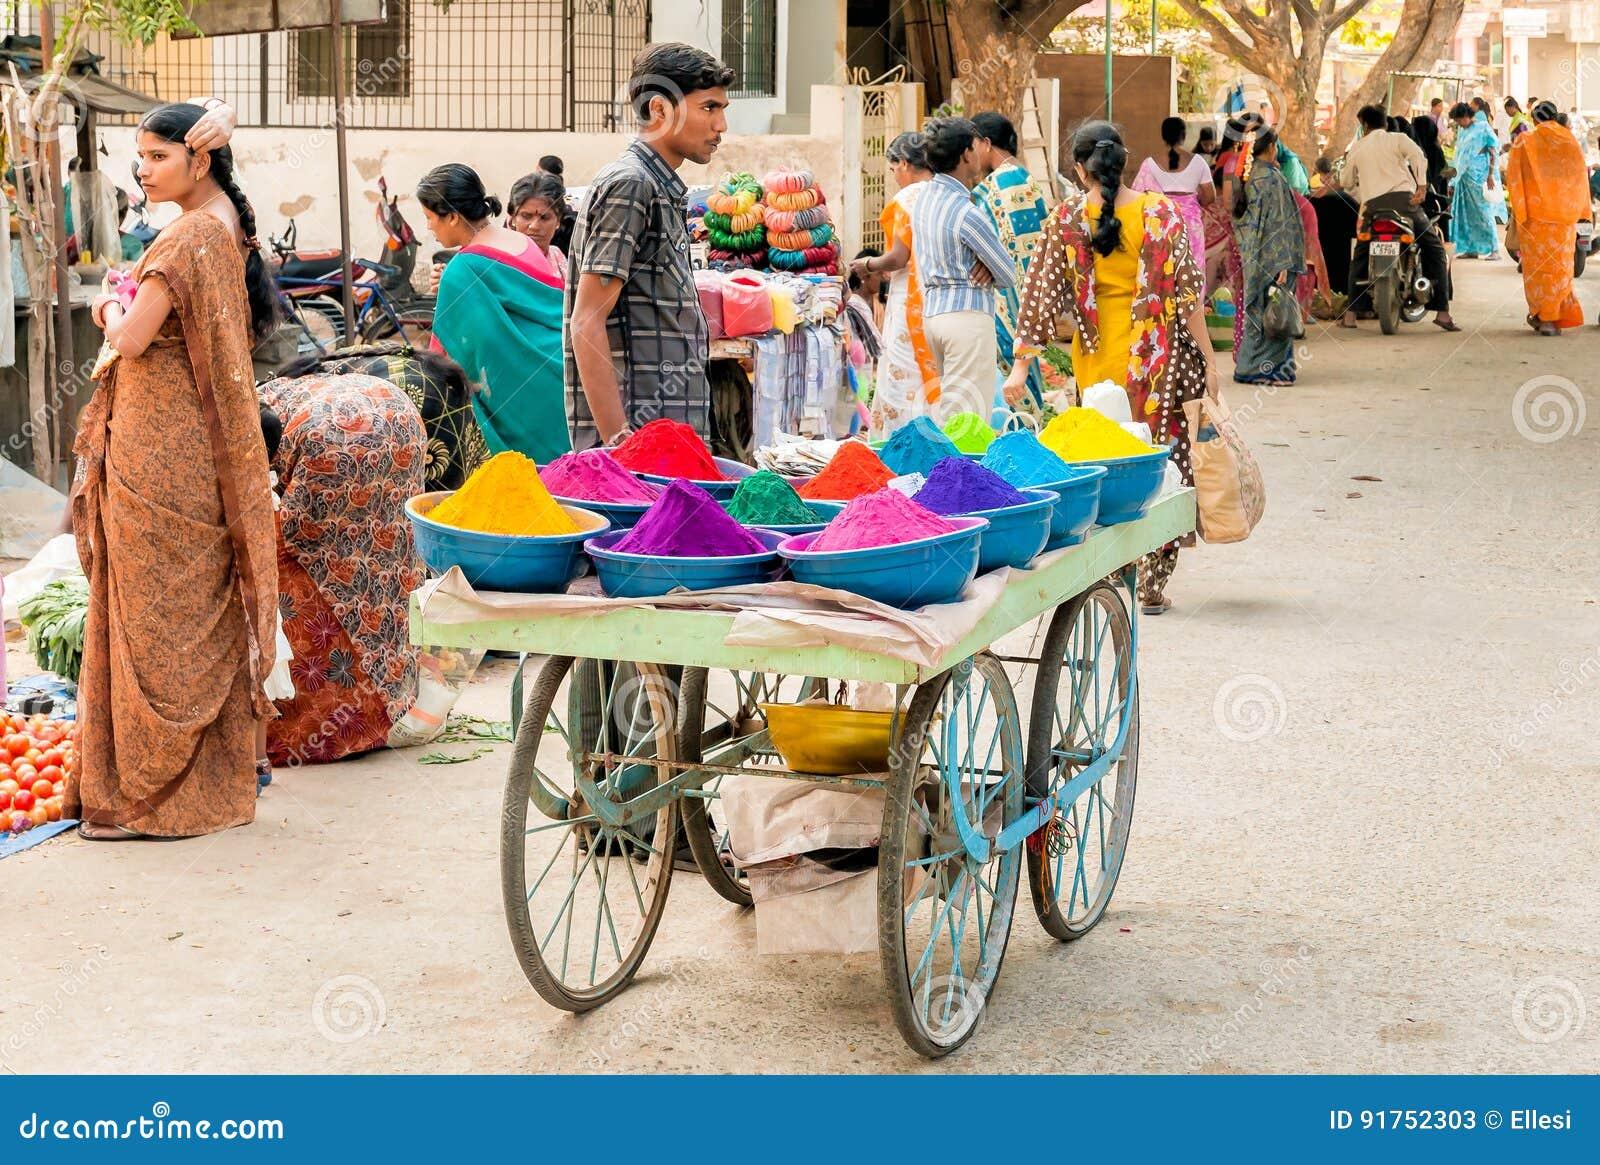 Poudres colorées de tika de vente de marchand ambulant au marché en plein air de Puttaparthi, Inde